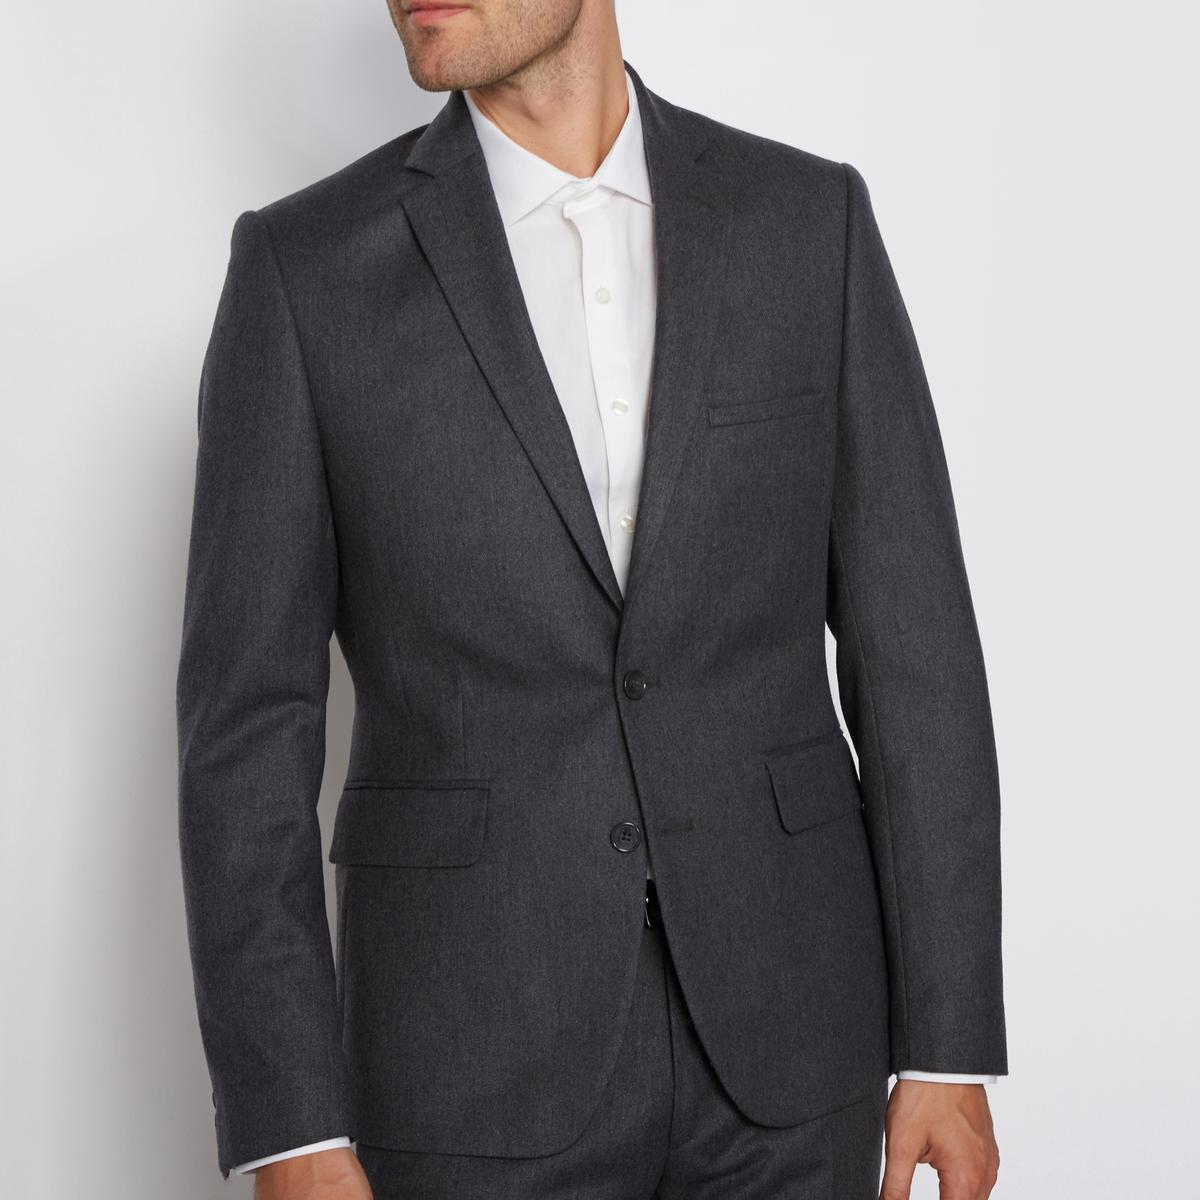 Пиджак костюмный из фланелиСостав и описание :         Материал : 60% шерсти, 40% полиэстера         Подкладка : 100% полиэстер                   Уход :            Обратите внимание на рекомендации по уходу на этикетке<br><br>Цвет: антрацит<br>Размер: 52.50.48.46.44